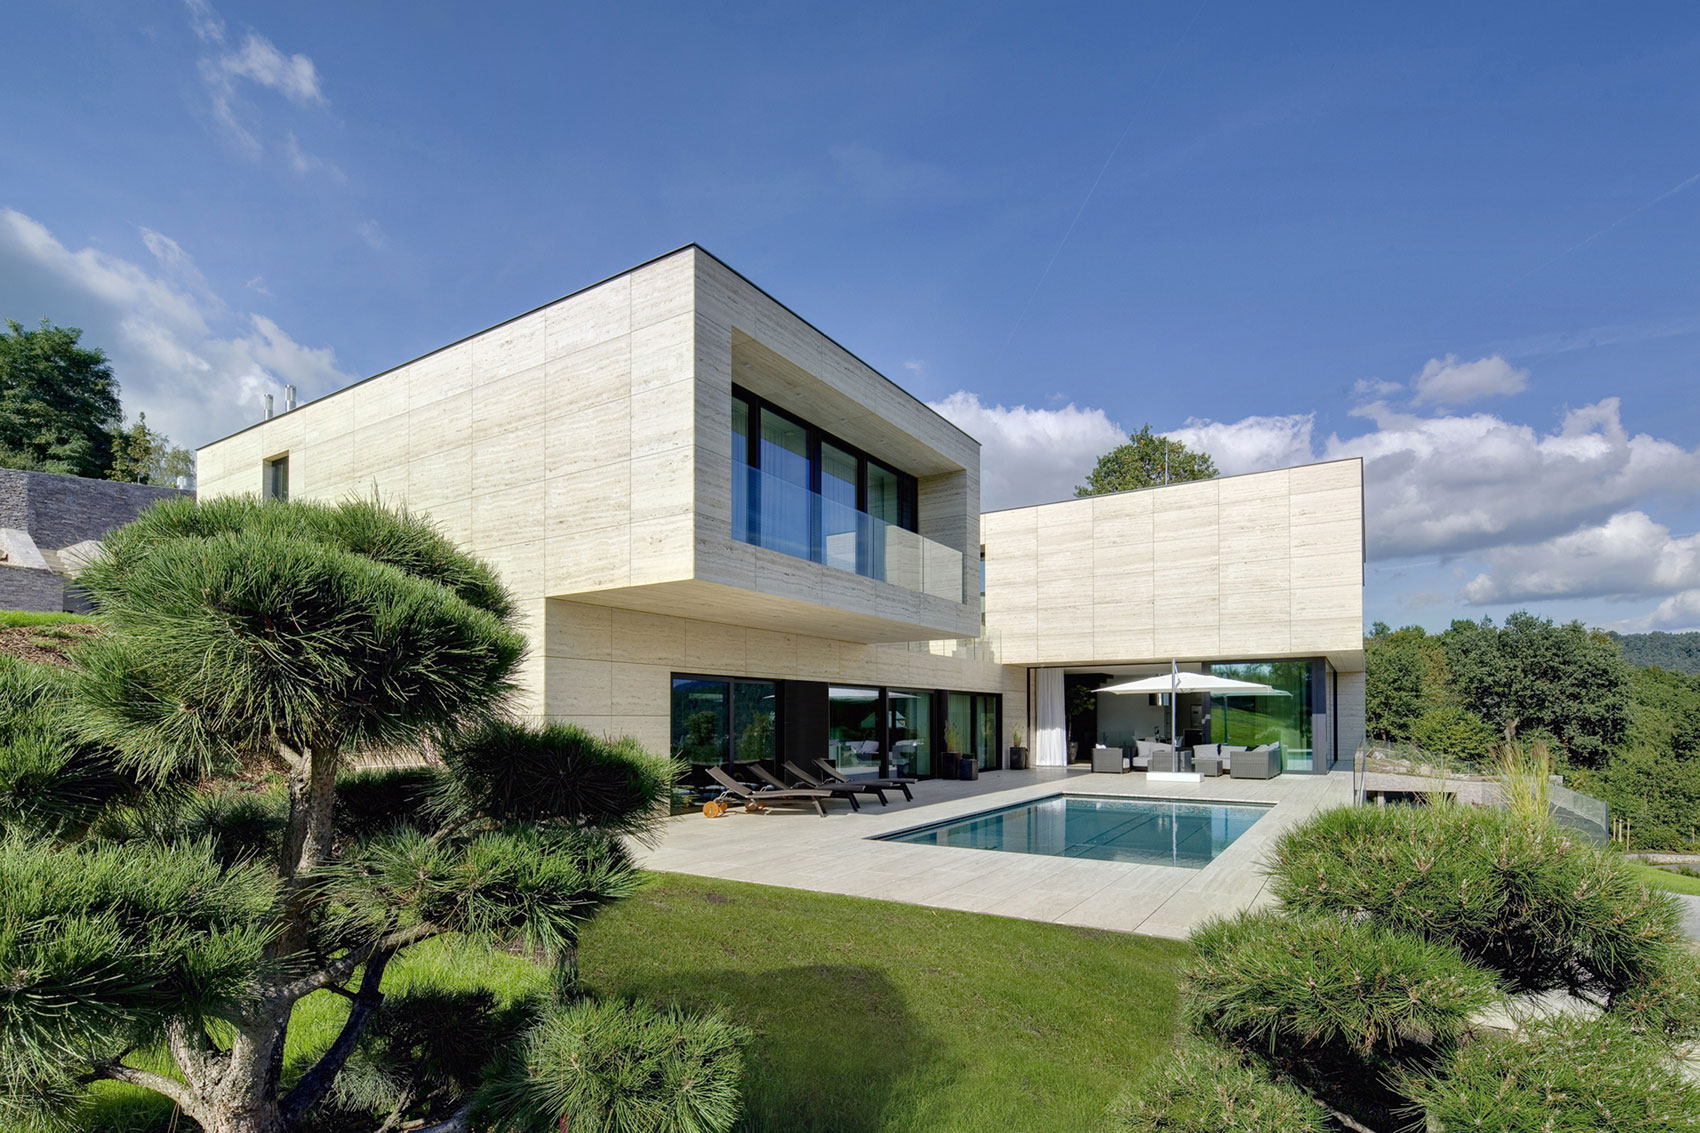 Villa-in-Decin-02